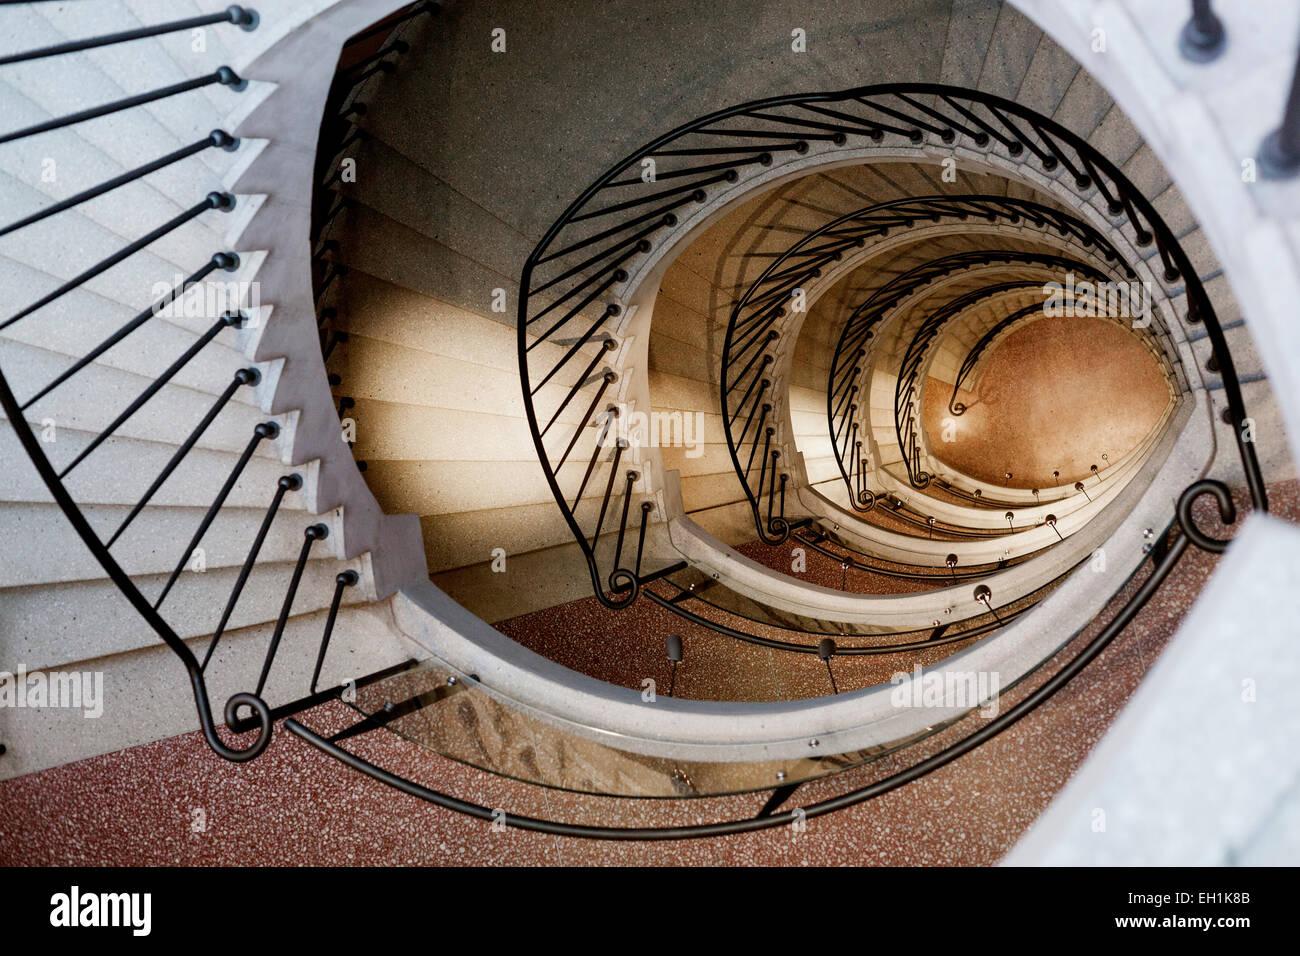 Tourné directement au-dessus de l'escalier à vis Banque D'Images